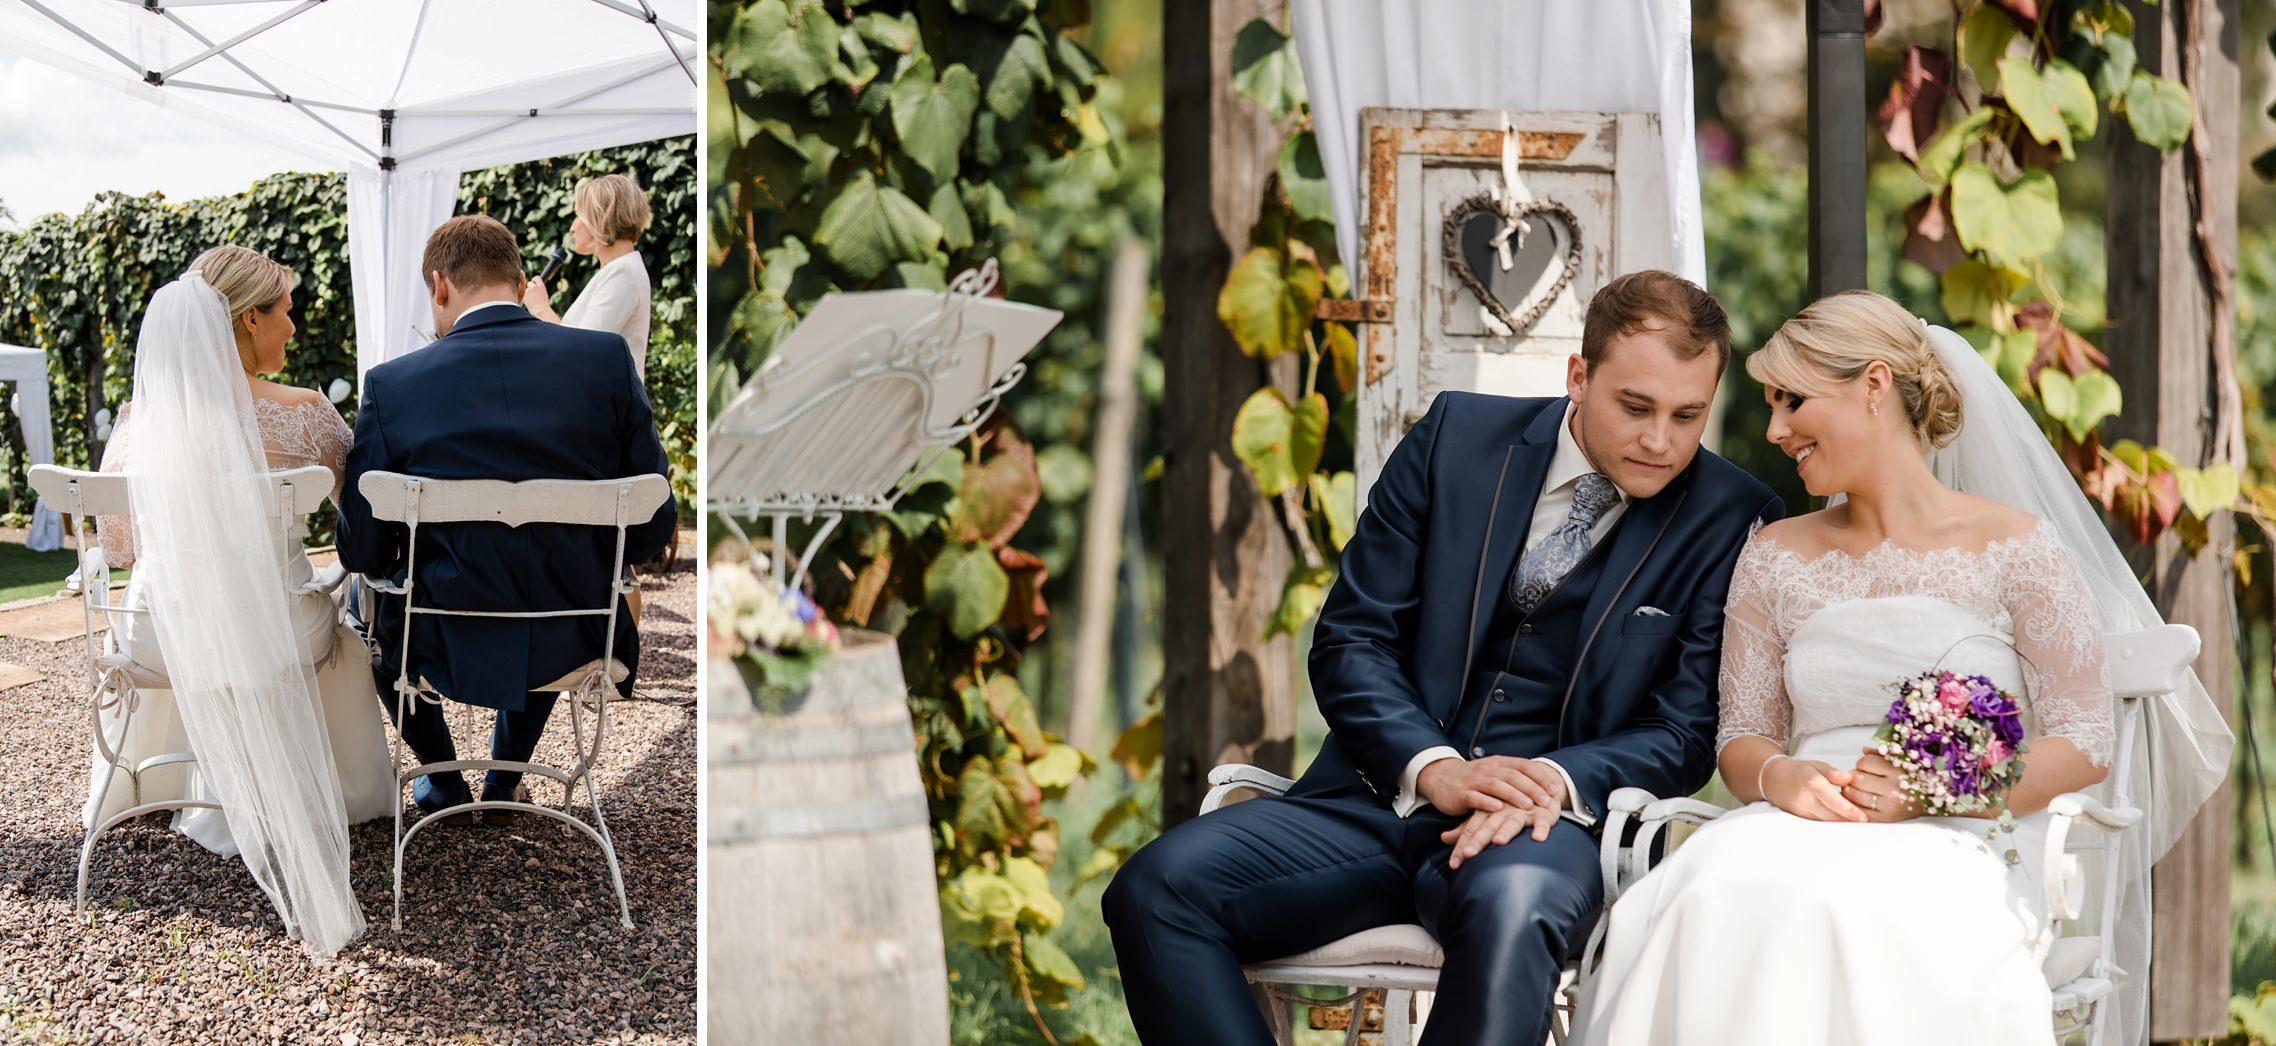 Das Brautpaar unterhält sich lächelnd während der freien Trauung in der RebArena im Weingut Fitz-Ritter in Bad Dürkheim.